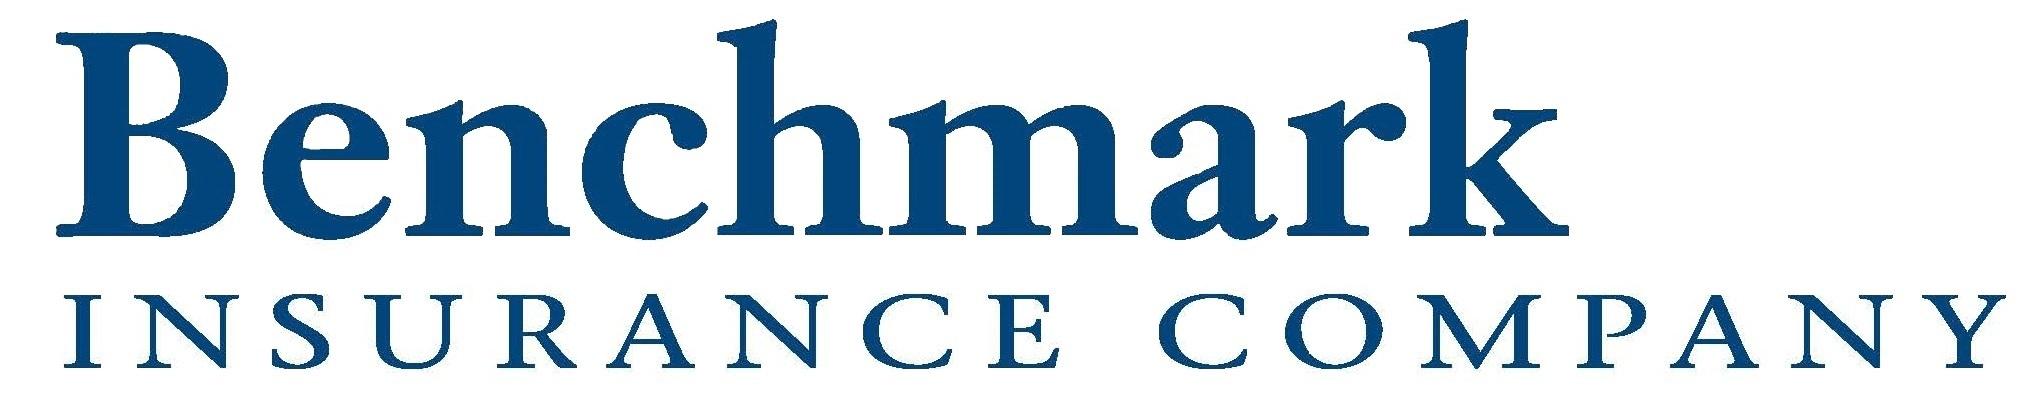 2338273_Benchmark_Logo_-_Signage.jpg